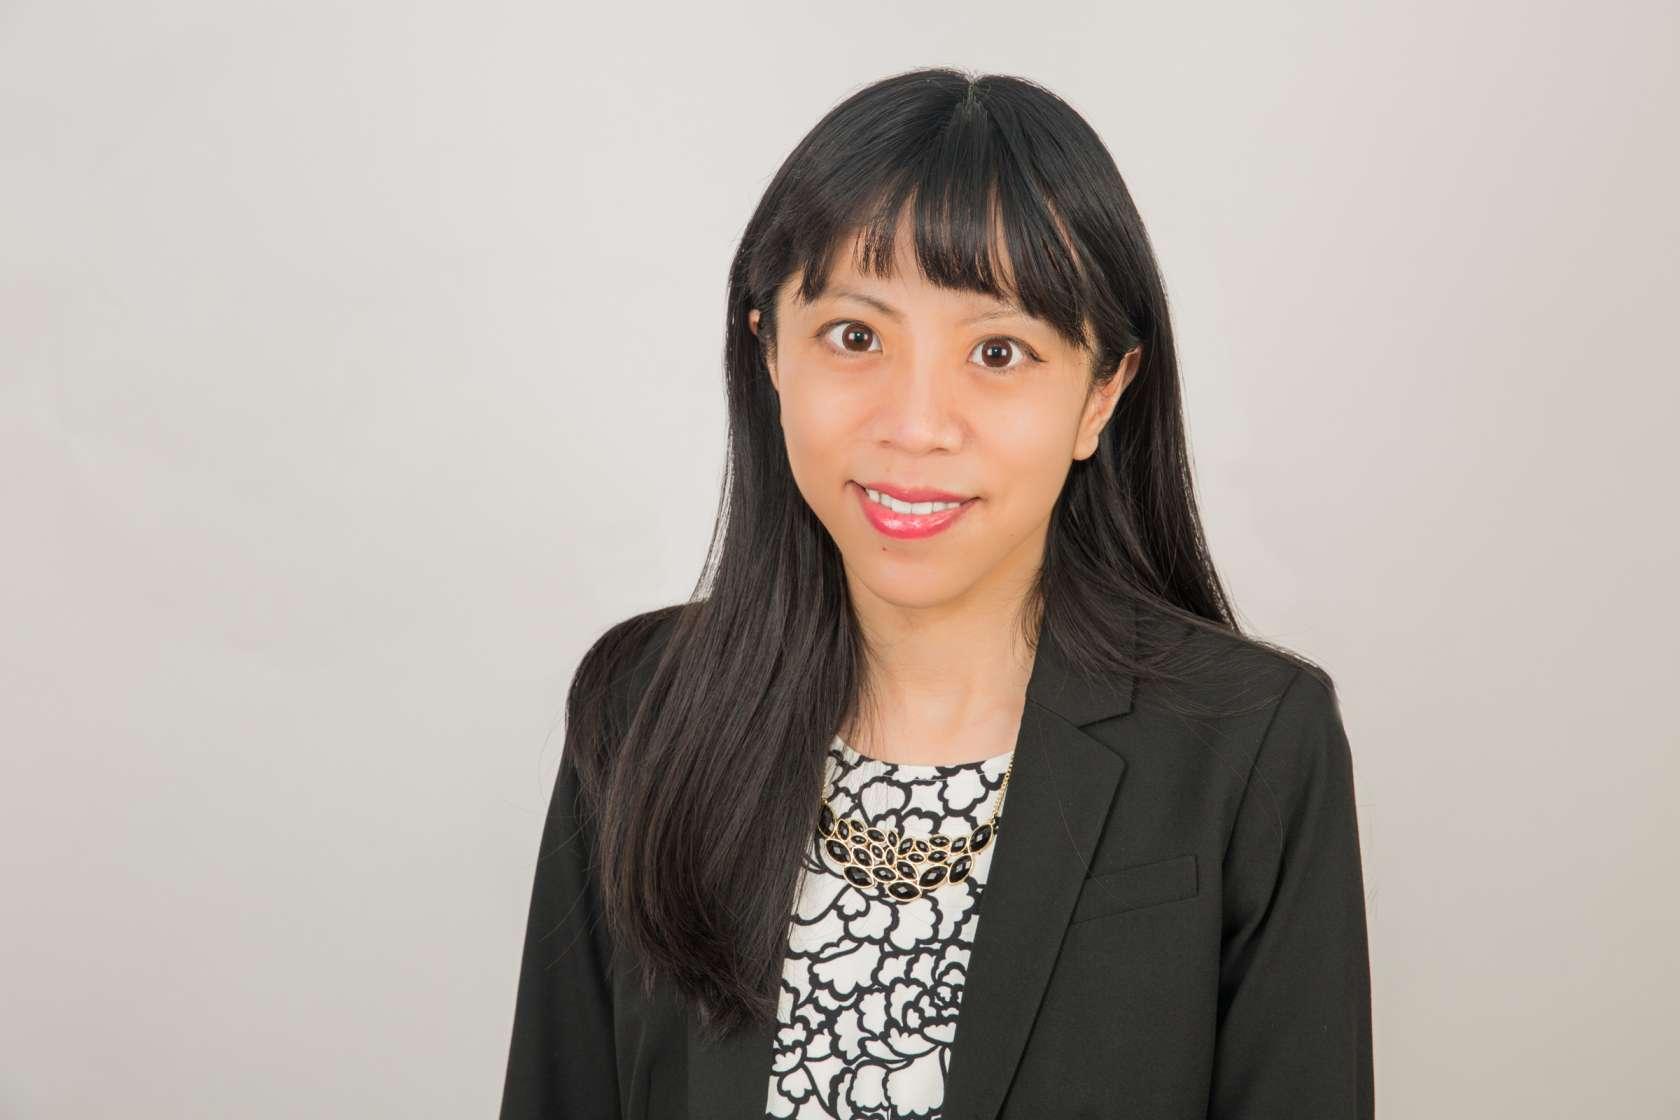 Wenjie Zeng